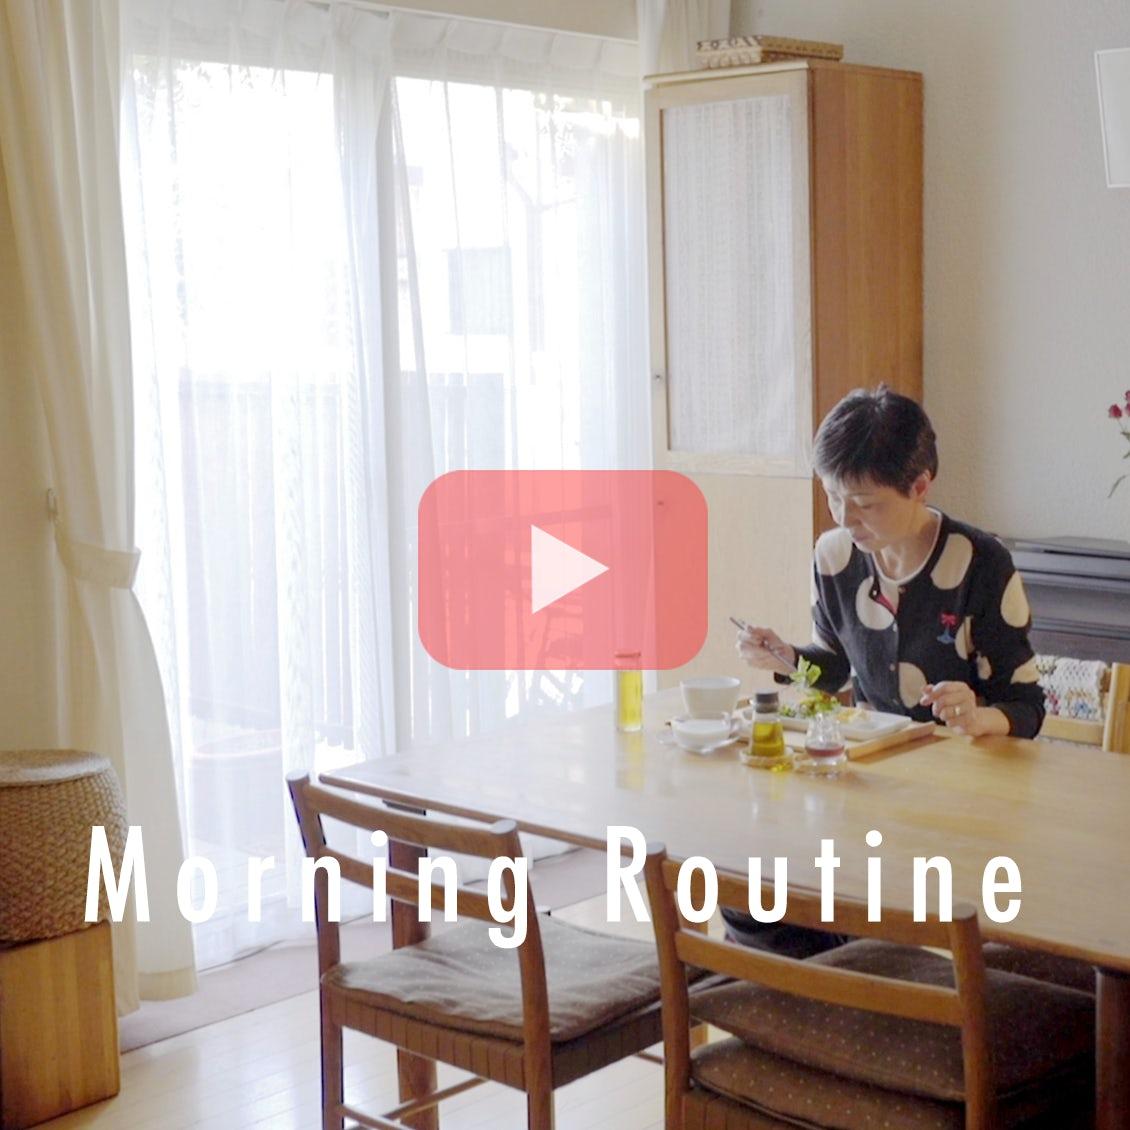 【わたしの朝習慣】帰宅したときの「がっかりしない」がコンセプト。主婦経験で培った、自分の機嫌のとりかた